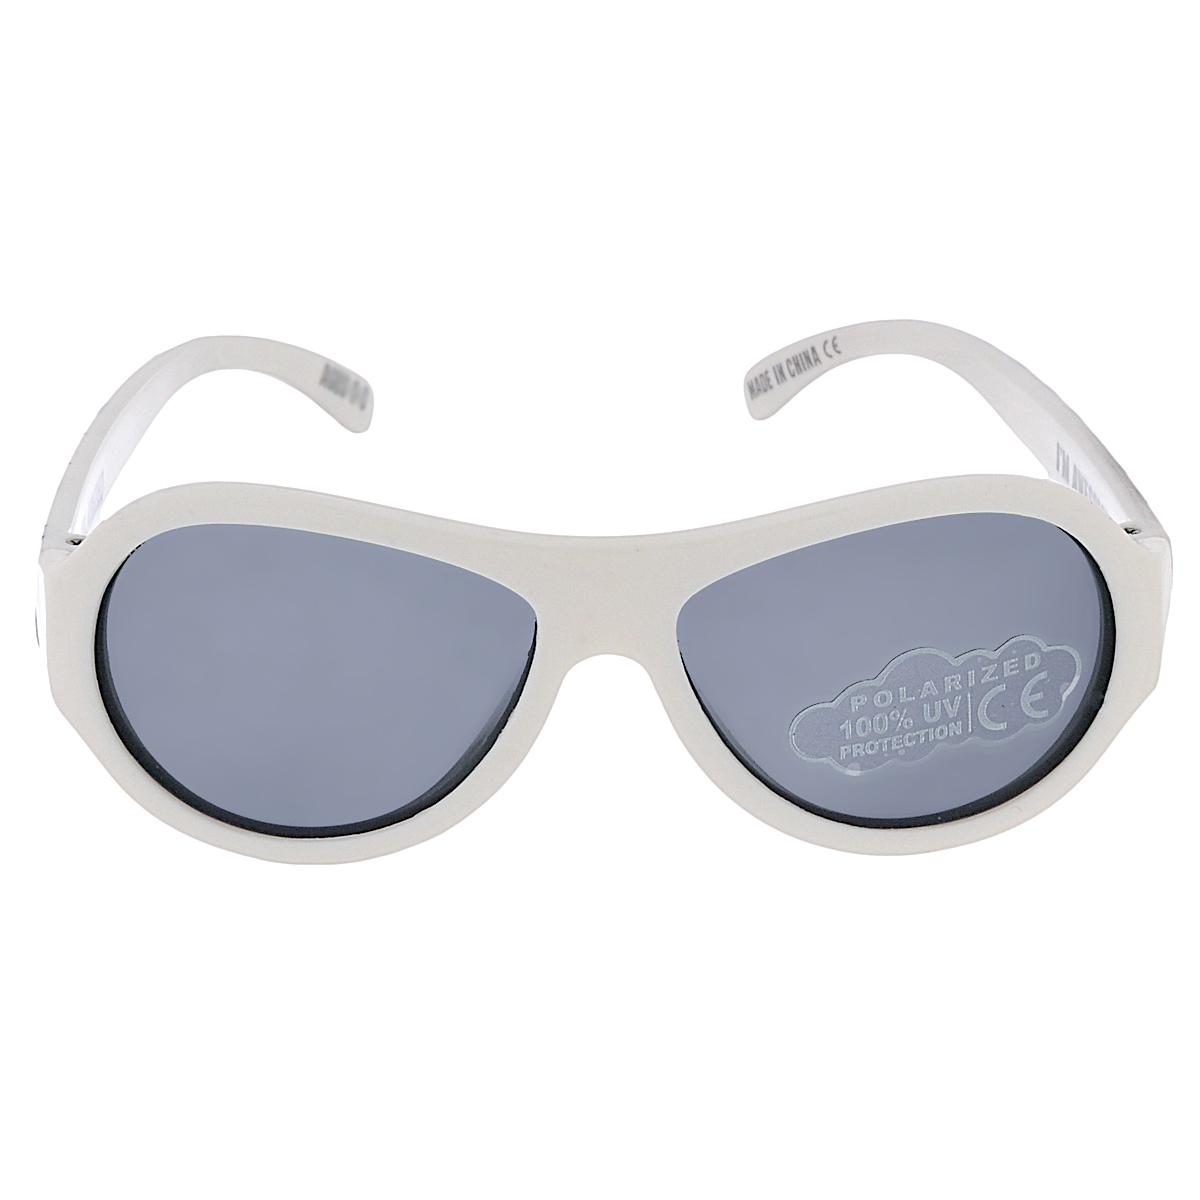 Детские солнцезащитные очки Babiators Хьюстон, у нас рок-звезда (Houston, We Have a Rockstar), поляризационные, с футляром, цвет: белый, 0-3 летBAB-057Защита глаз всегда в моде. Вы делаете все возможное, чтобы ваши дети были здоровы и в безопасности. Шлемы для езды на велосипеде, солнцезащитный крем для прогулок на солнце... Но как насчёт влияния солнца на глазах вашего ребёнка? Правда в том, что сетчатка глаза у детей развивается вместе с самим ребёнком. Это означает, что глаза малышей не могут отфильтровать УФ-излучение. Добавьте к этому тот факт, что дети за год получают трёхкратную дозу солнечного воздействия на взрослого человека (доклад Vision Council Report 2013, США). Проблема понятна - детям нужна настоящая защита, чтобы глазки были в безопасности, а зрение сильным. Каждая пара солнцезащитных очков Babiators для детей обеспечивает 100% защиту от UVA и UVB. Прочные линзы высшего качества не подведут в самых сложных переделках. В отличие от обычных пластиковых очков, оправа Babiators выполнена из гибкого прорезиненного материала, что делает их ударопрочными, их можно сгибать и крутить - они не сломаются и вернутся в...